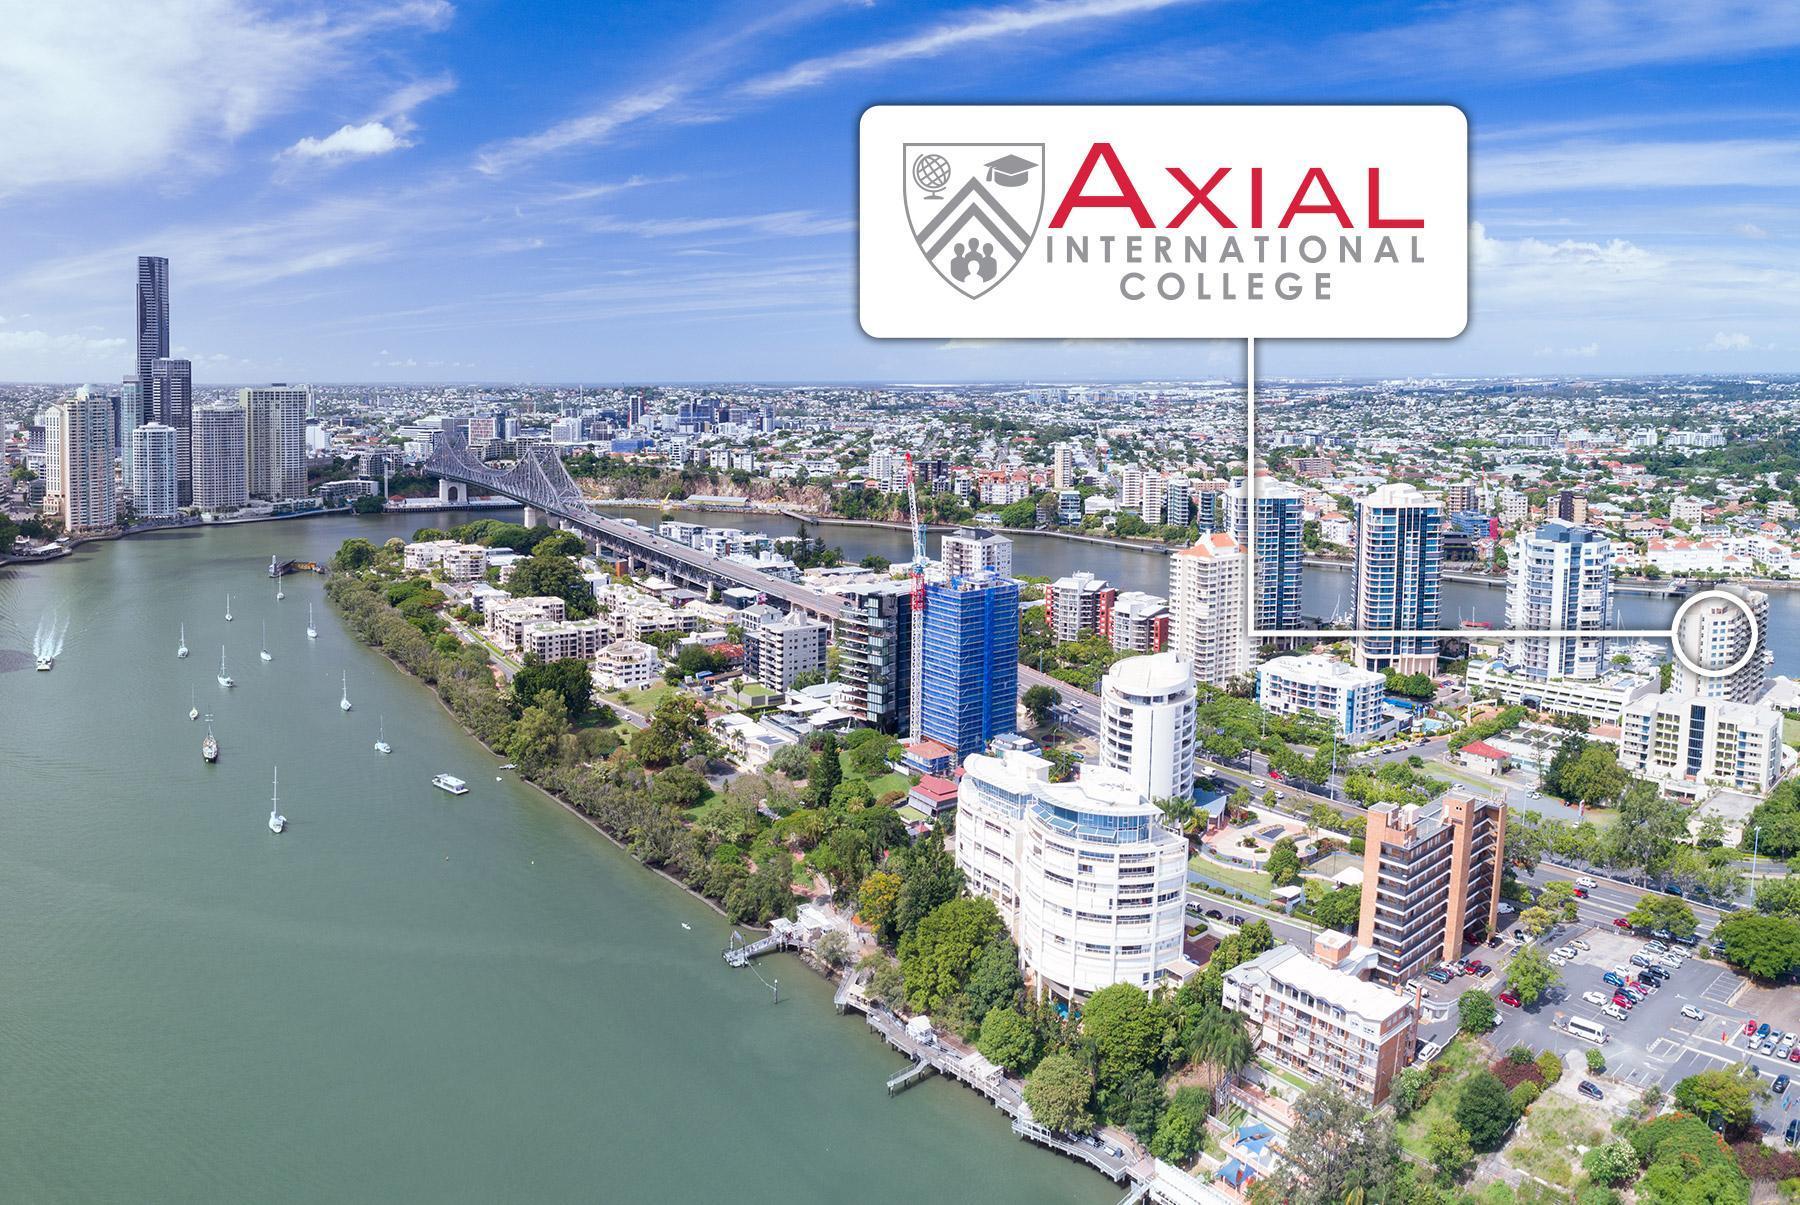 brisbane-location-axial-1